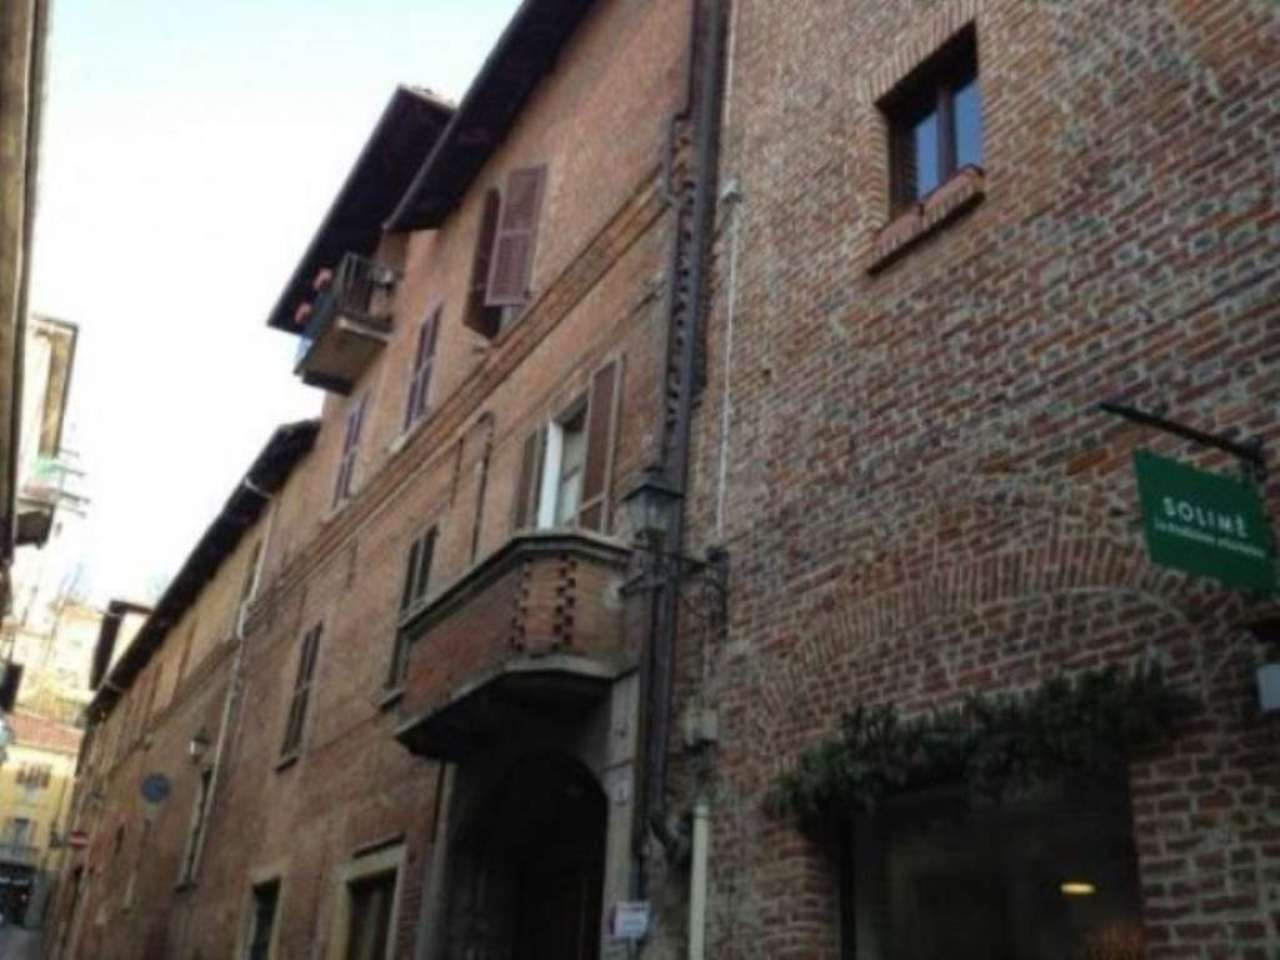 Attico / Mansarda in vendita a Chieri, 4 locali, Trattative riservate | CambioCasa.it